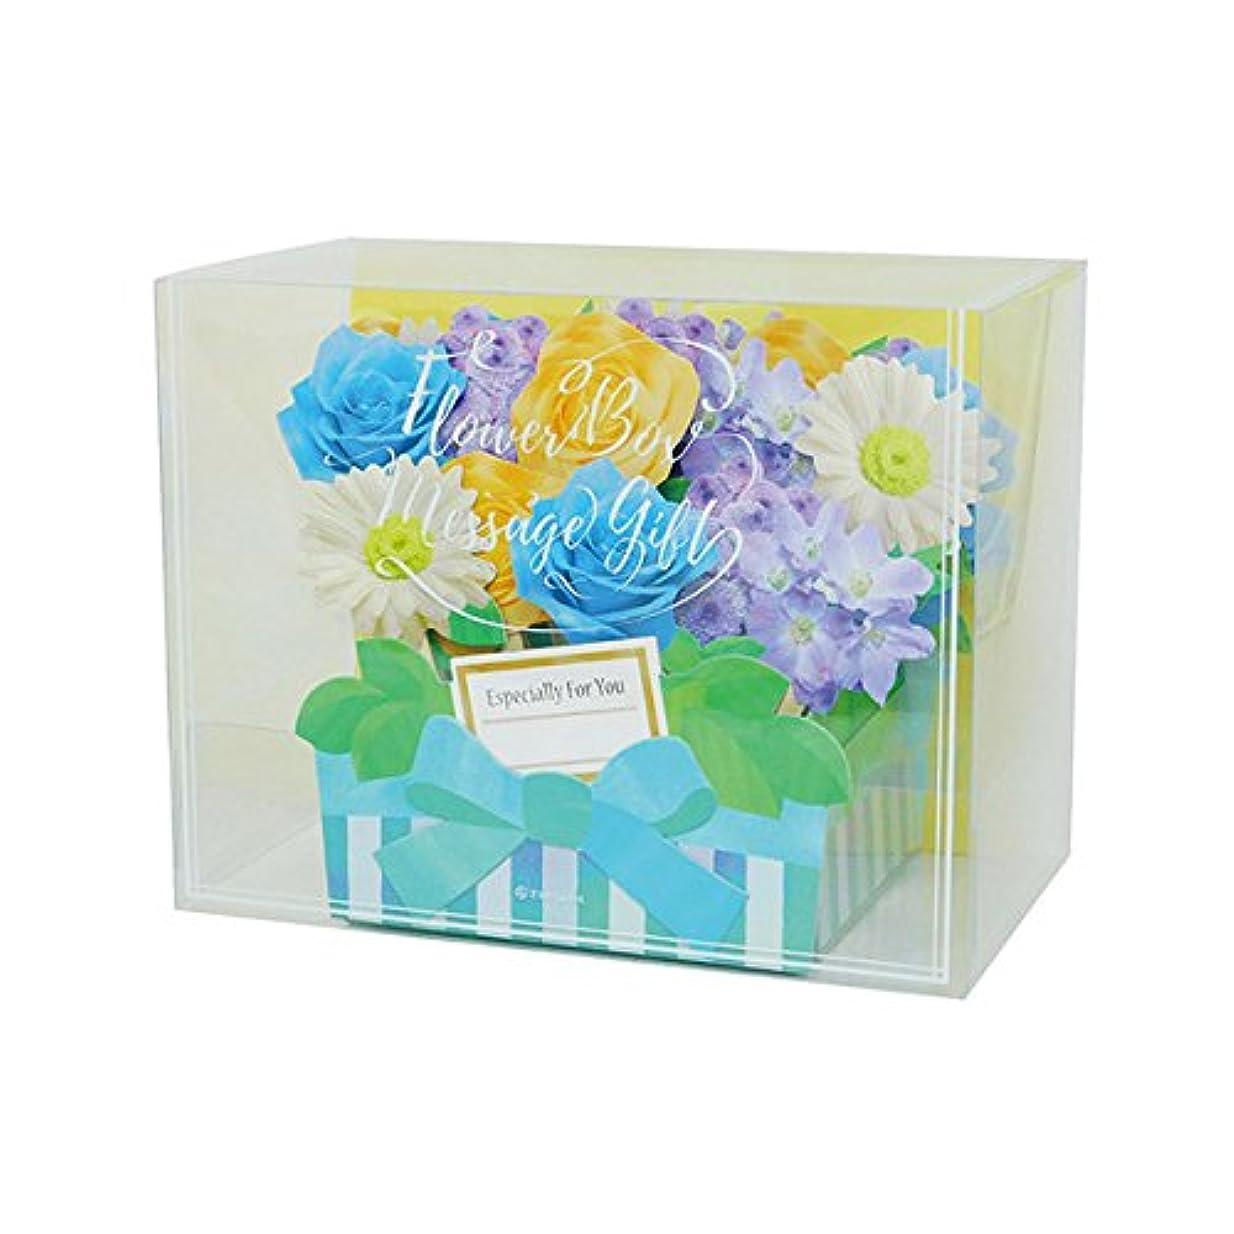 浴クランシーフリルZ&K(ゼットアンドケイ) フラワーボックス メッセージギフト 62-151 ブルー